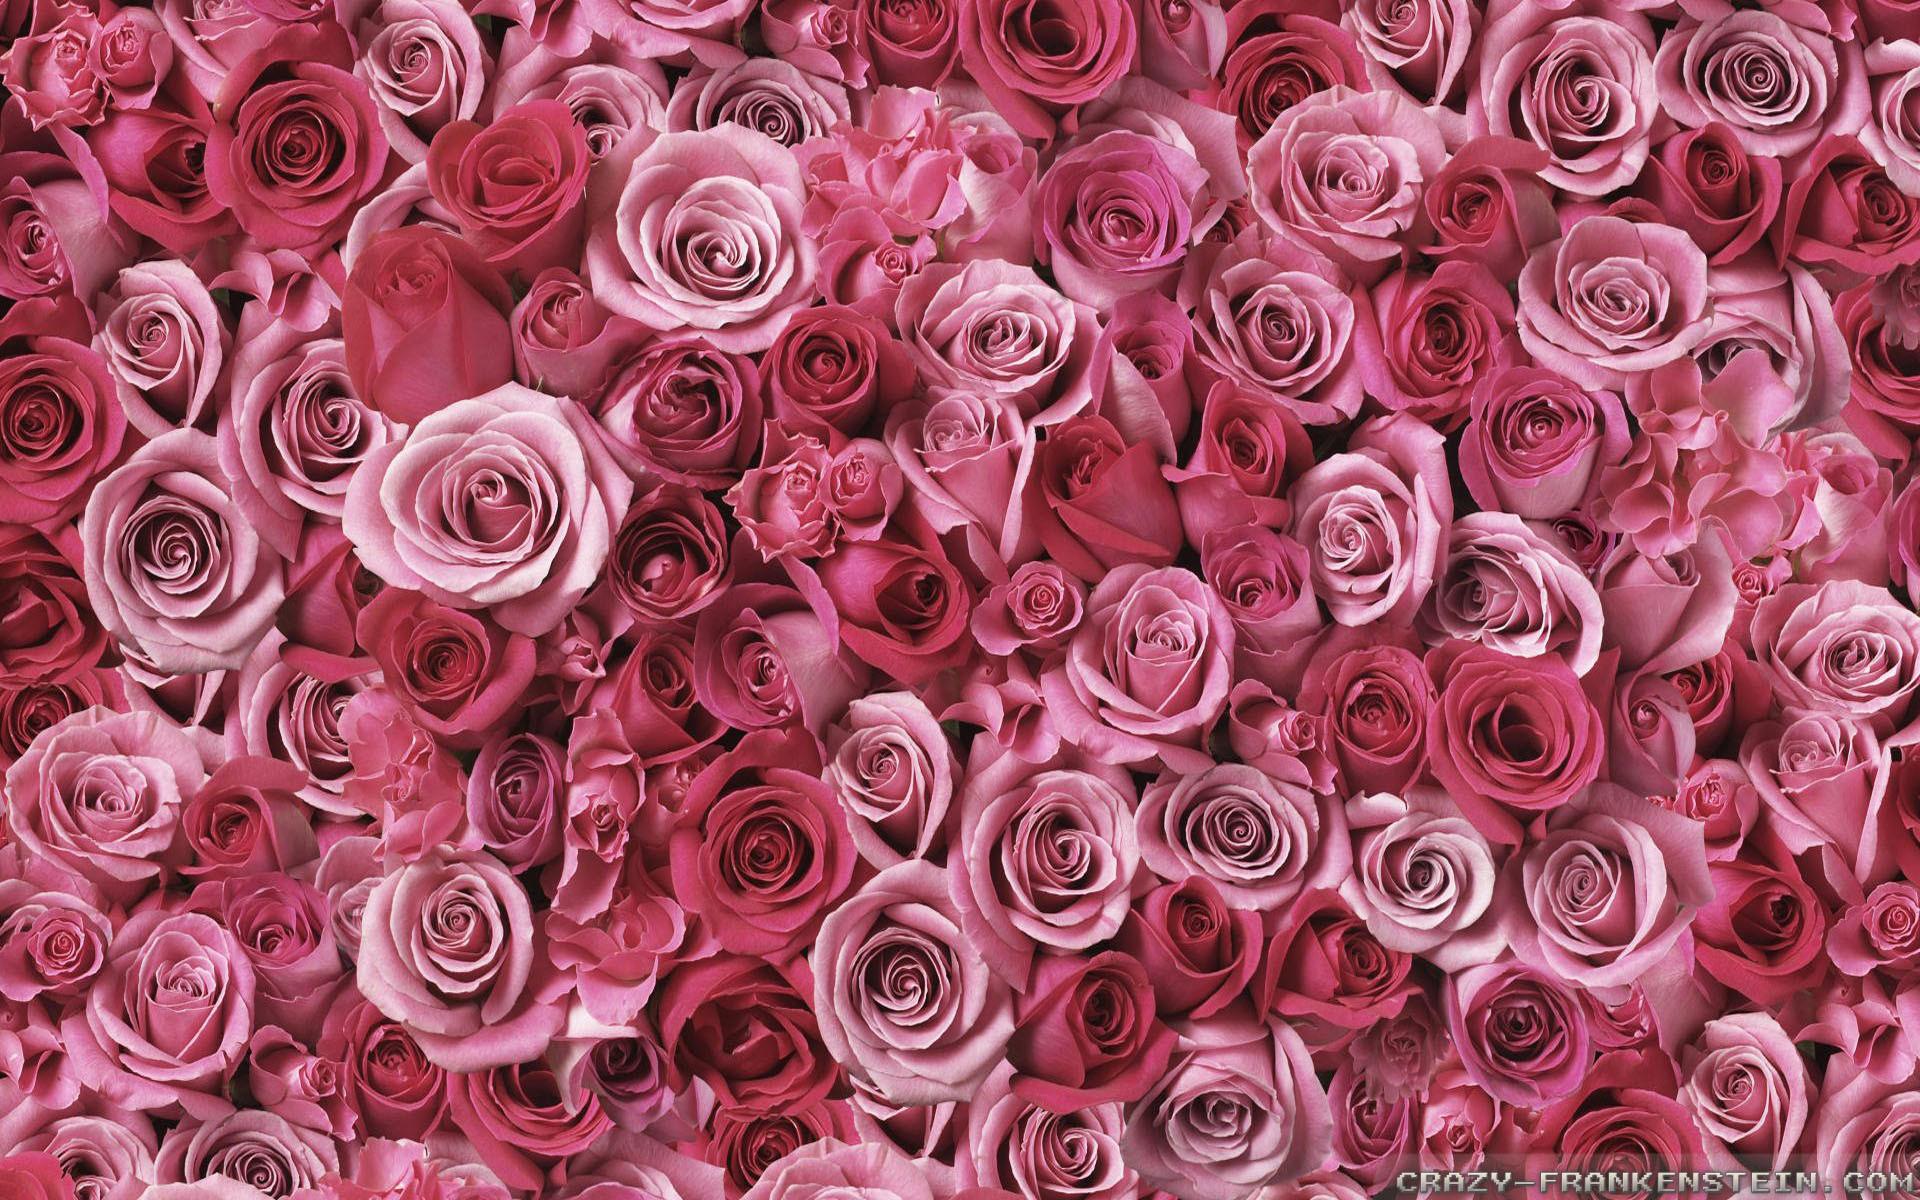 Pink Rose Flower Wallpaper 52 Images